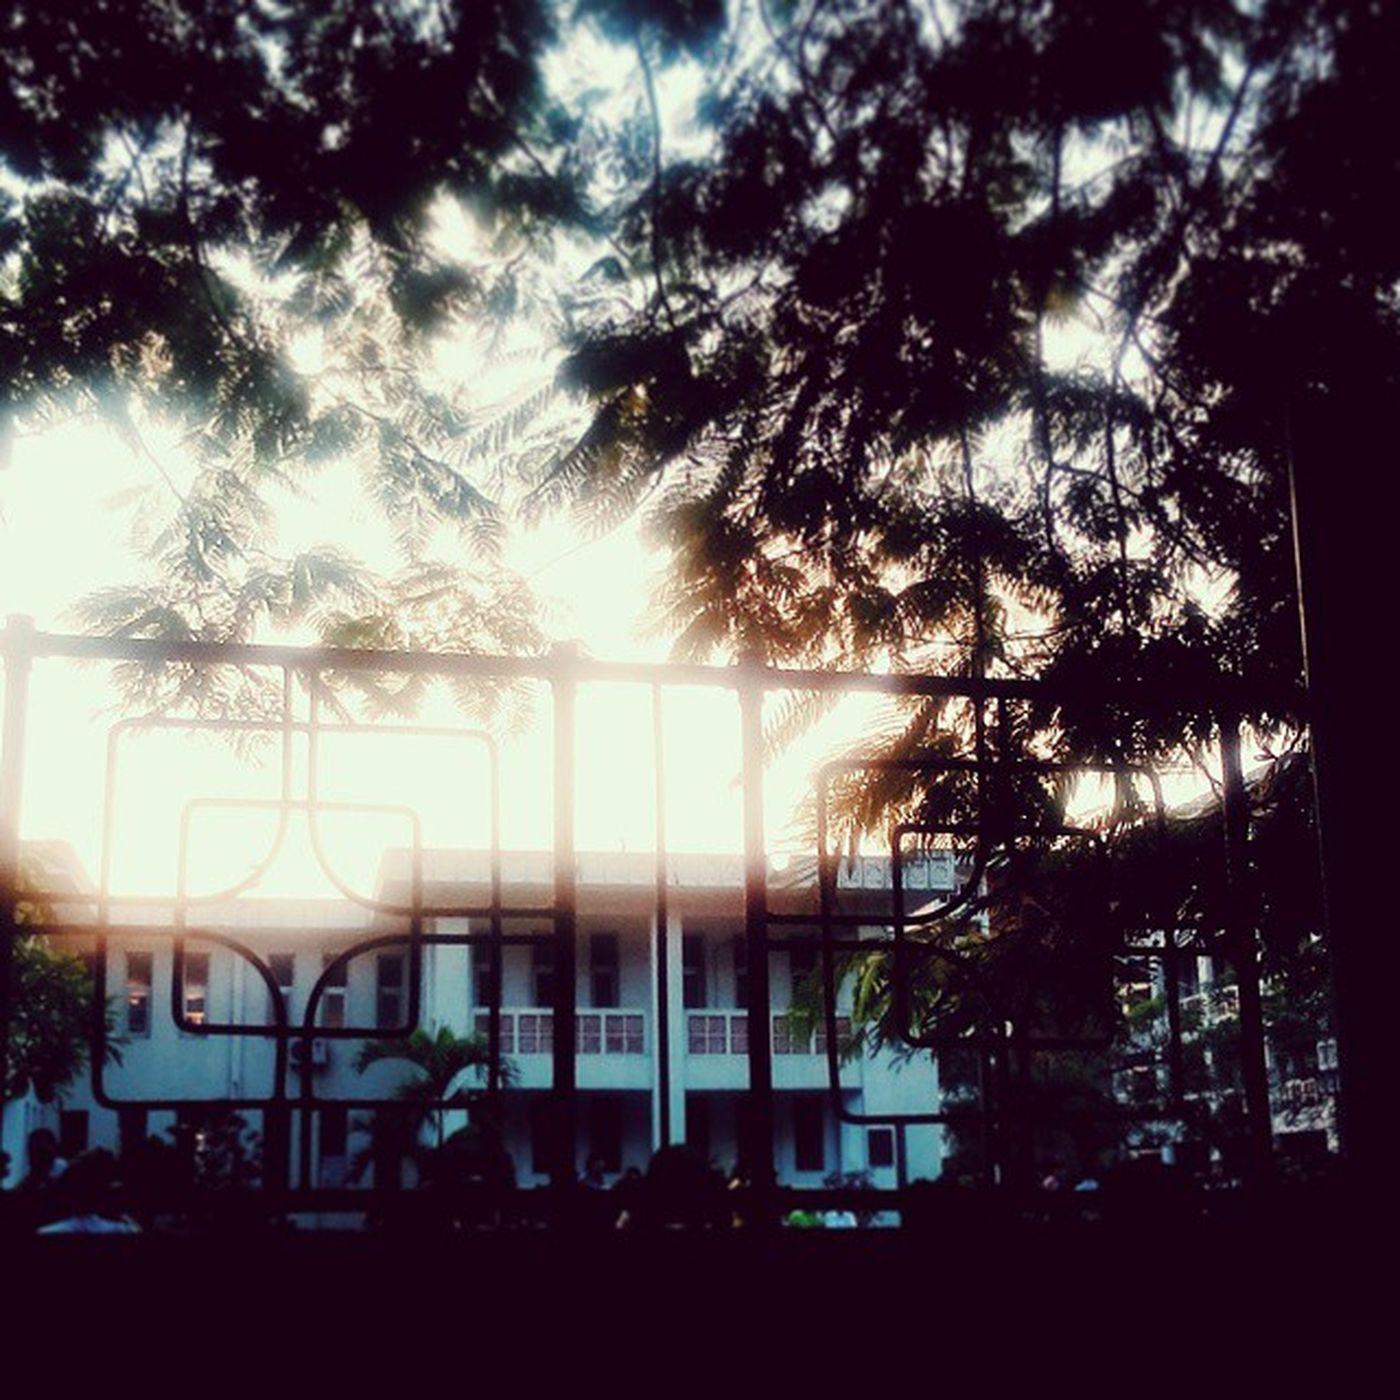 Quand le soleil se couche. L'autumne va presque venir. Crépuscule Autumne